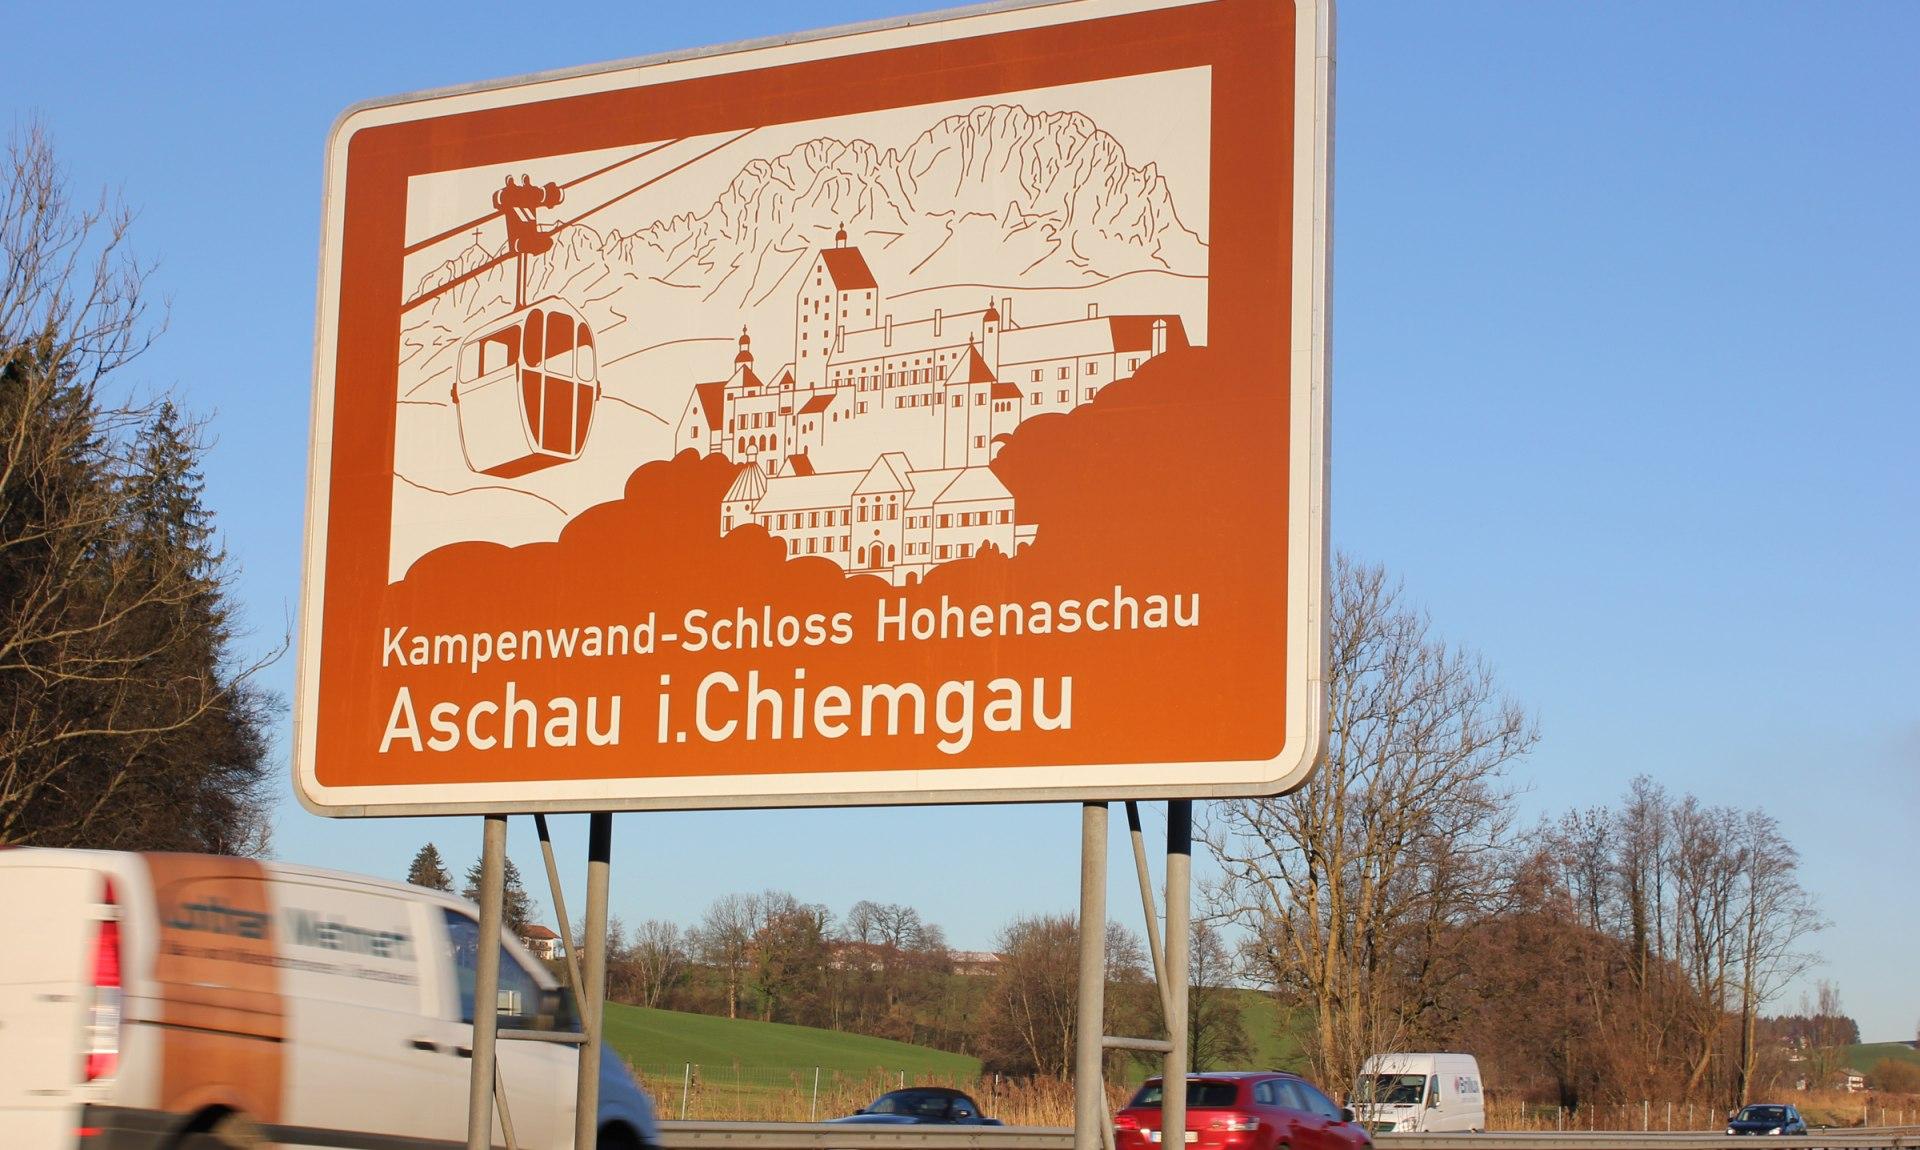 Autobahnschild Aschau i.Ch. A8, © Tourist Info Aschau i.Ch.